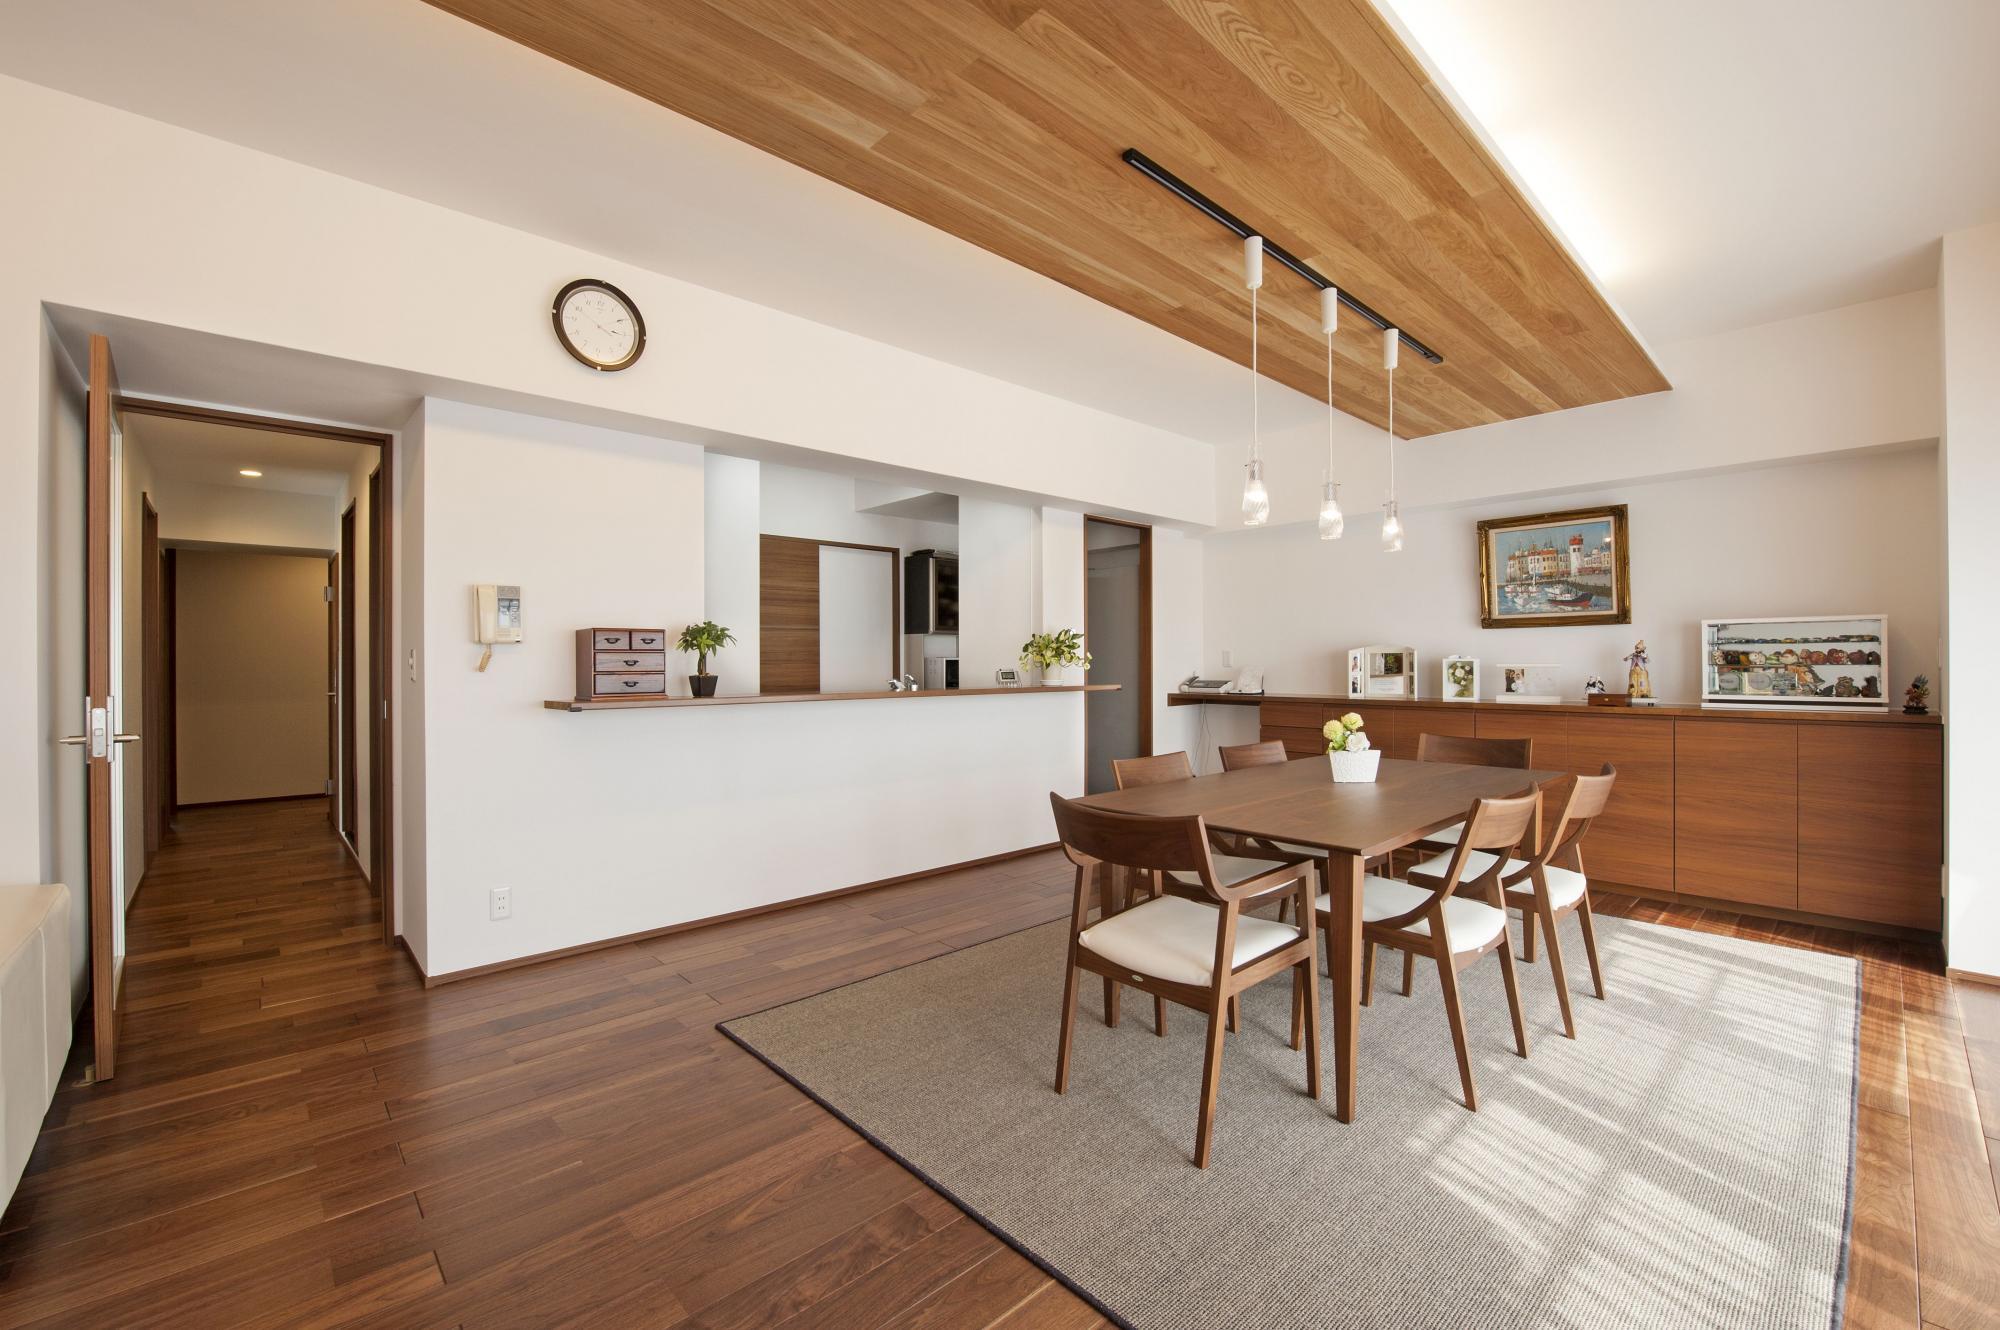 リビングへと続く飾り天井には、ガラス製のペンダント照明をご提案。木のカウンター収納も造作している。